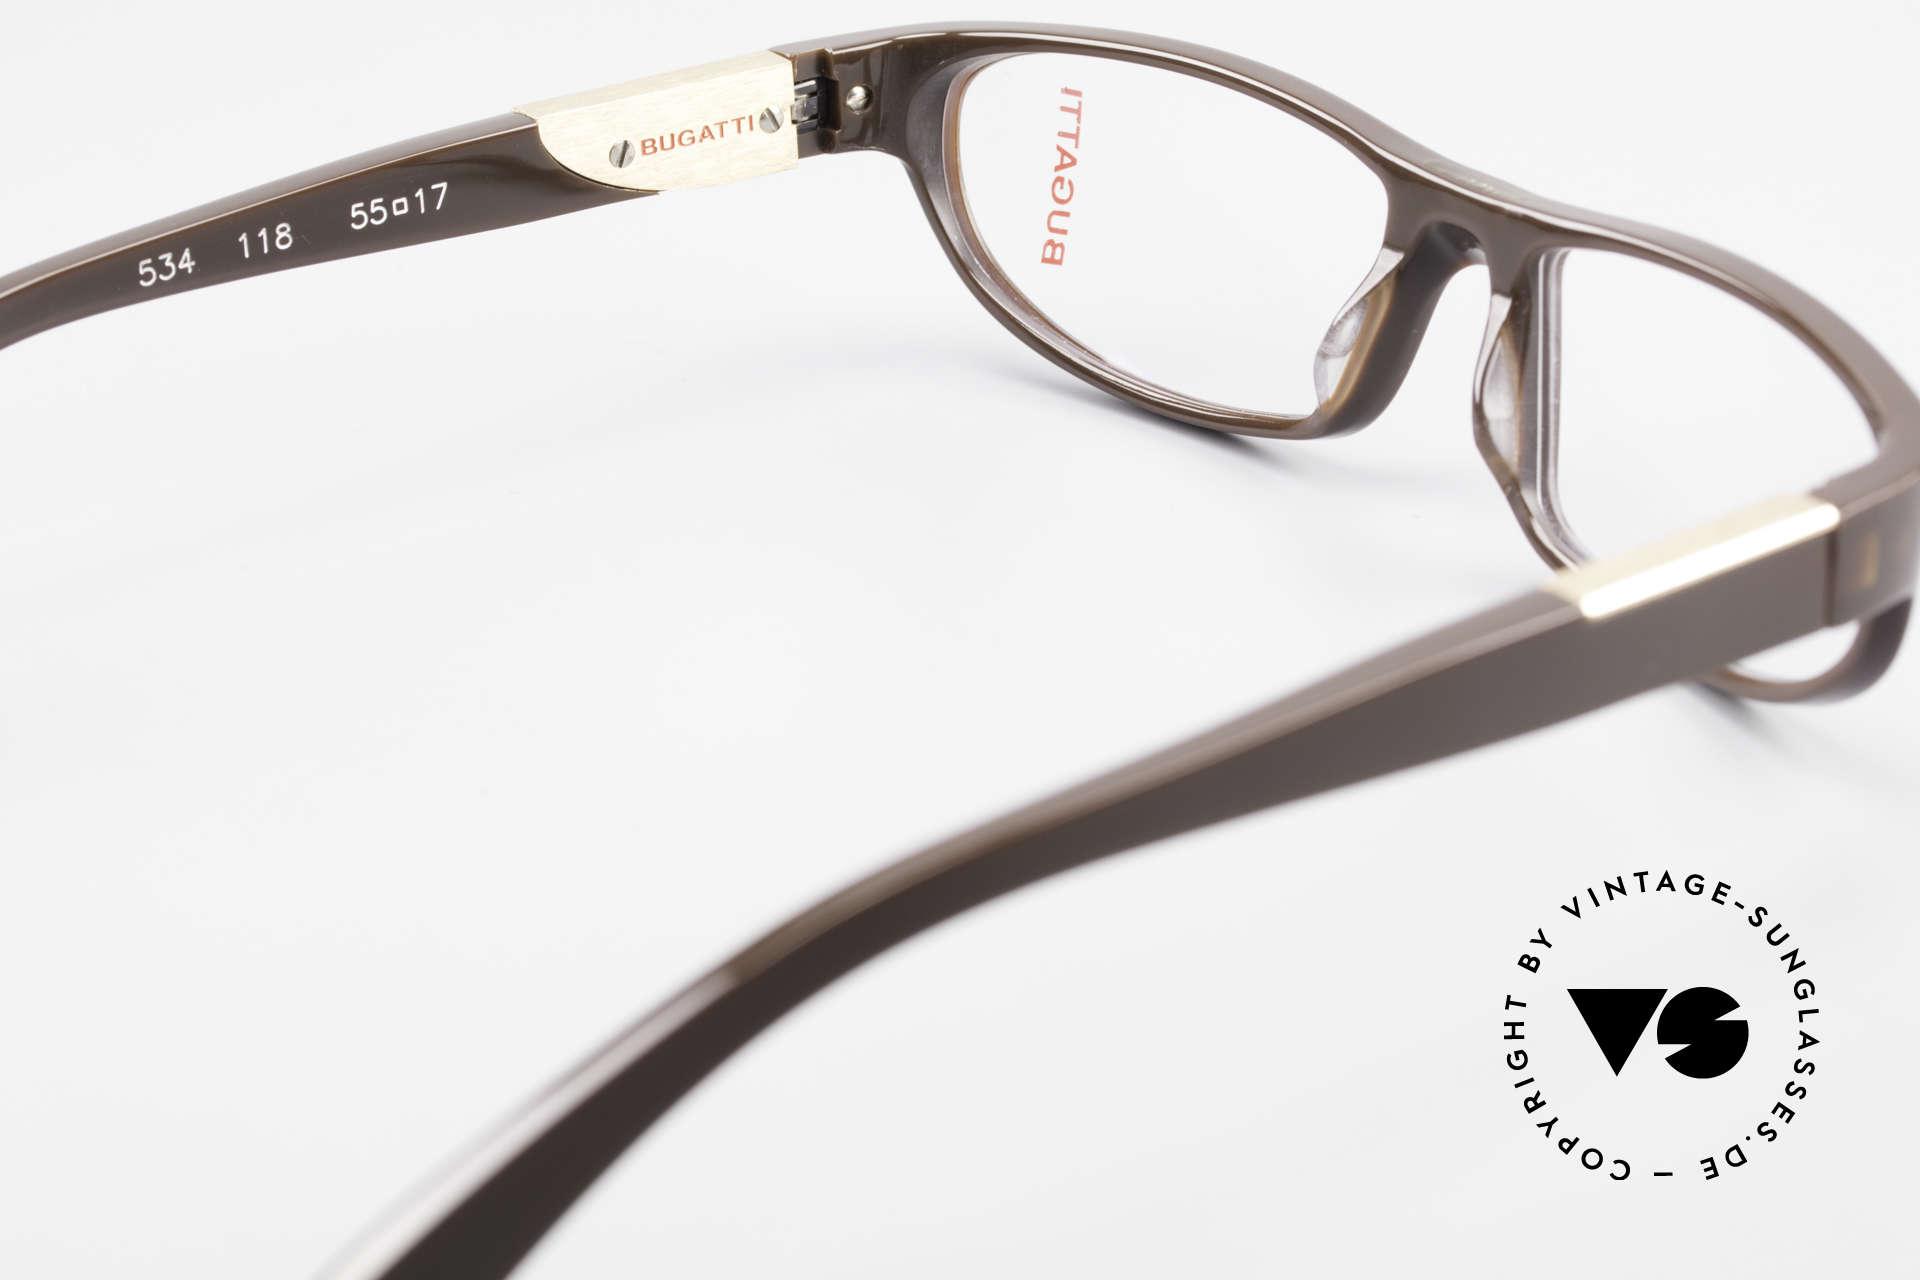 Bugatti 534 Men's Plastic Luxury Glasses, the frame is made for optical lenses / sun lenses, Made for Men